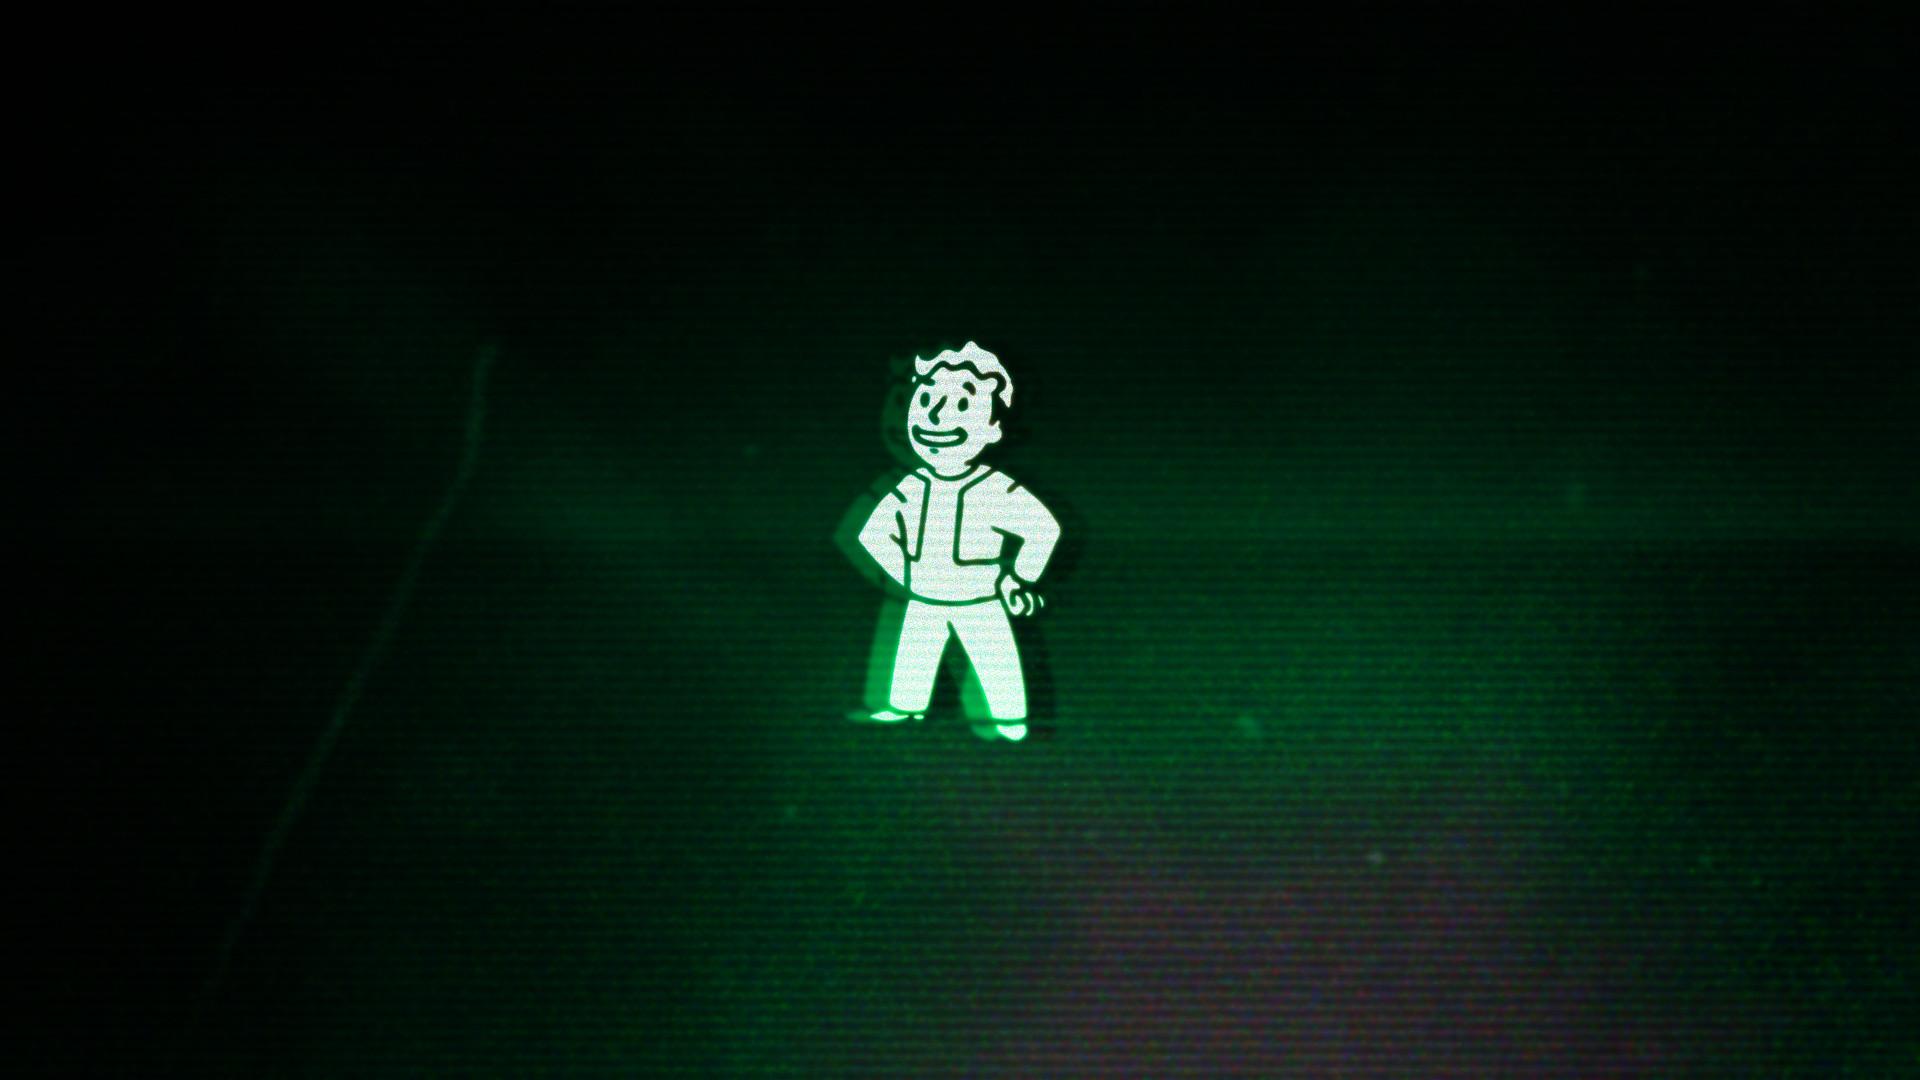 46 Fallout Pip Boy Wallpaper Hd On Wallpapersafari